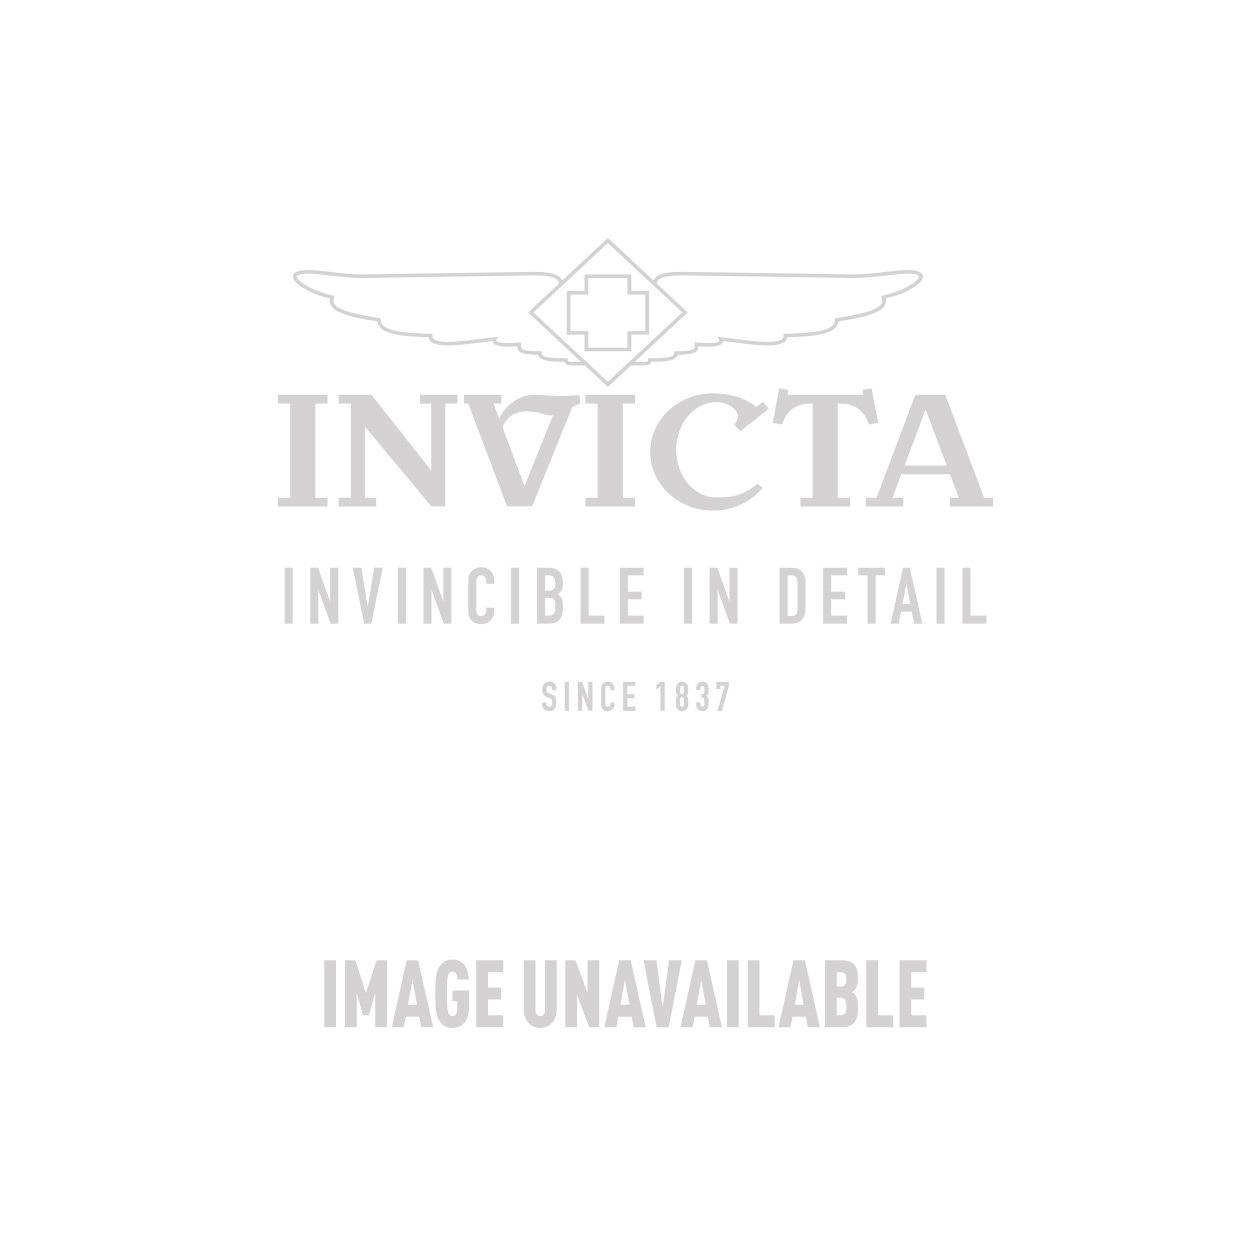 Invicta Model 27522